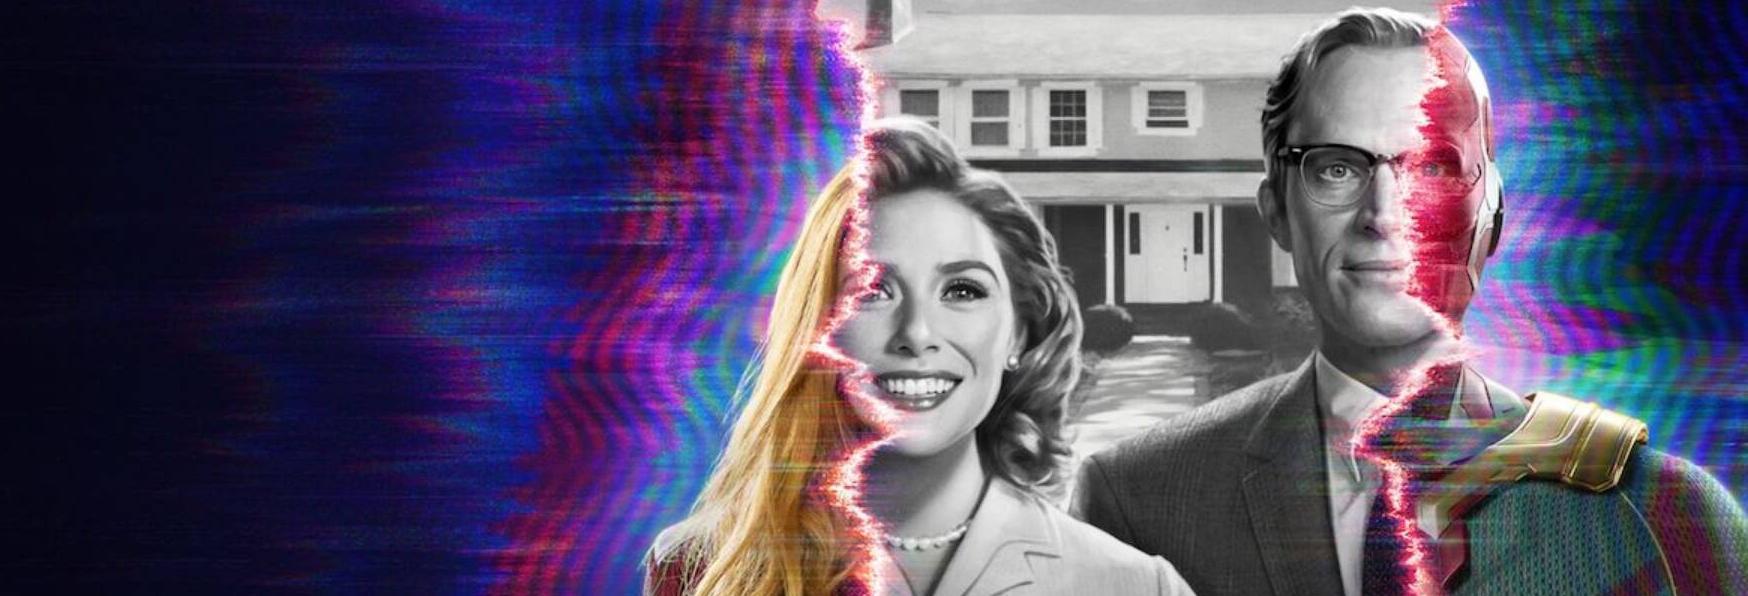 Le nuove Serie TV della Marvel avranno più Stagioni? La Risposta di Kevin Feige